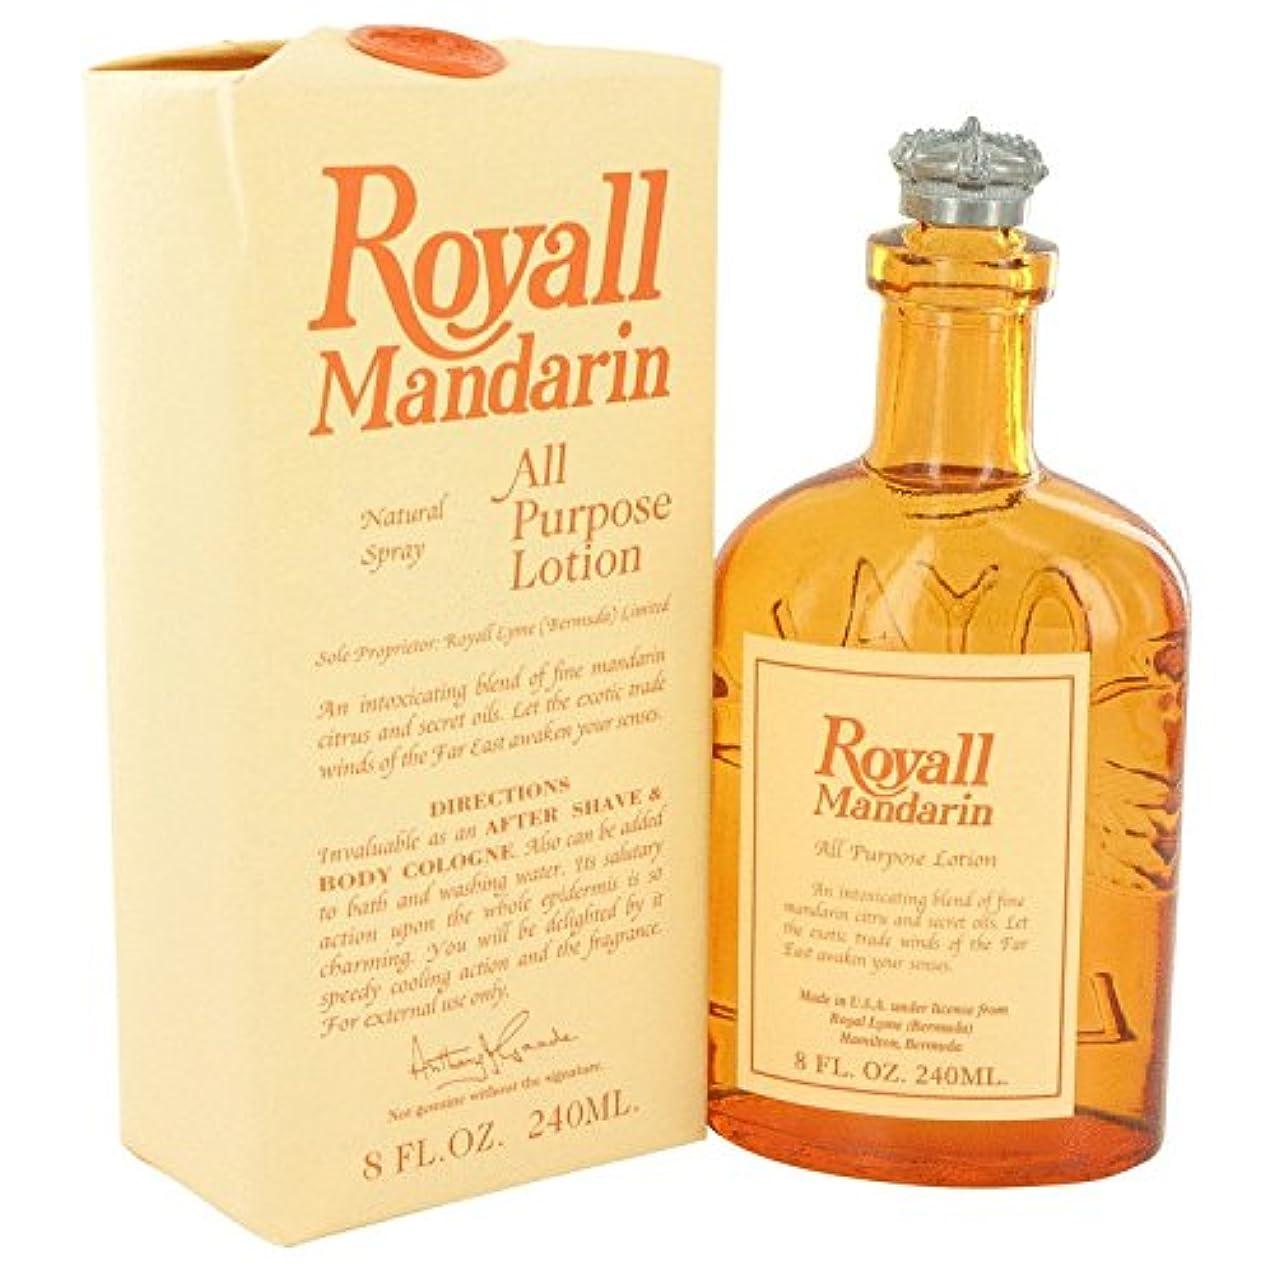 積分安いです最少Royall Lyme - Mandarin - All Purpose Lotion Spray - 240ml 8fl.oz